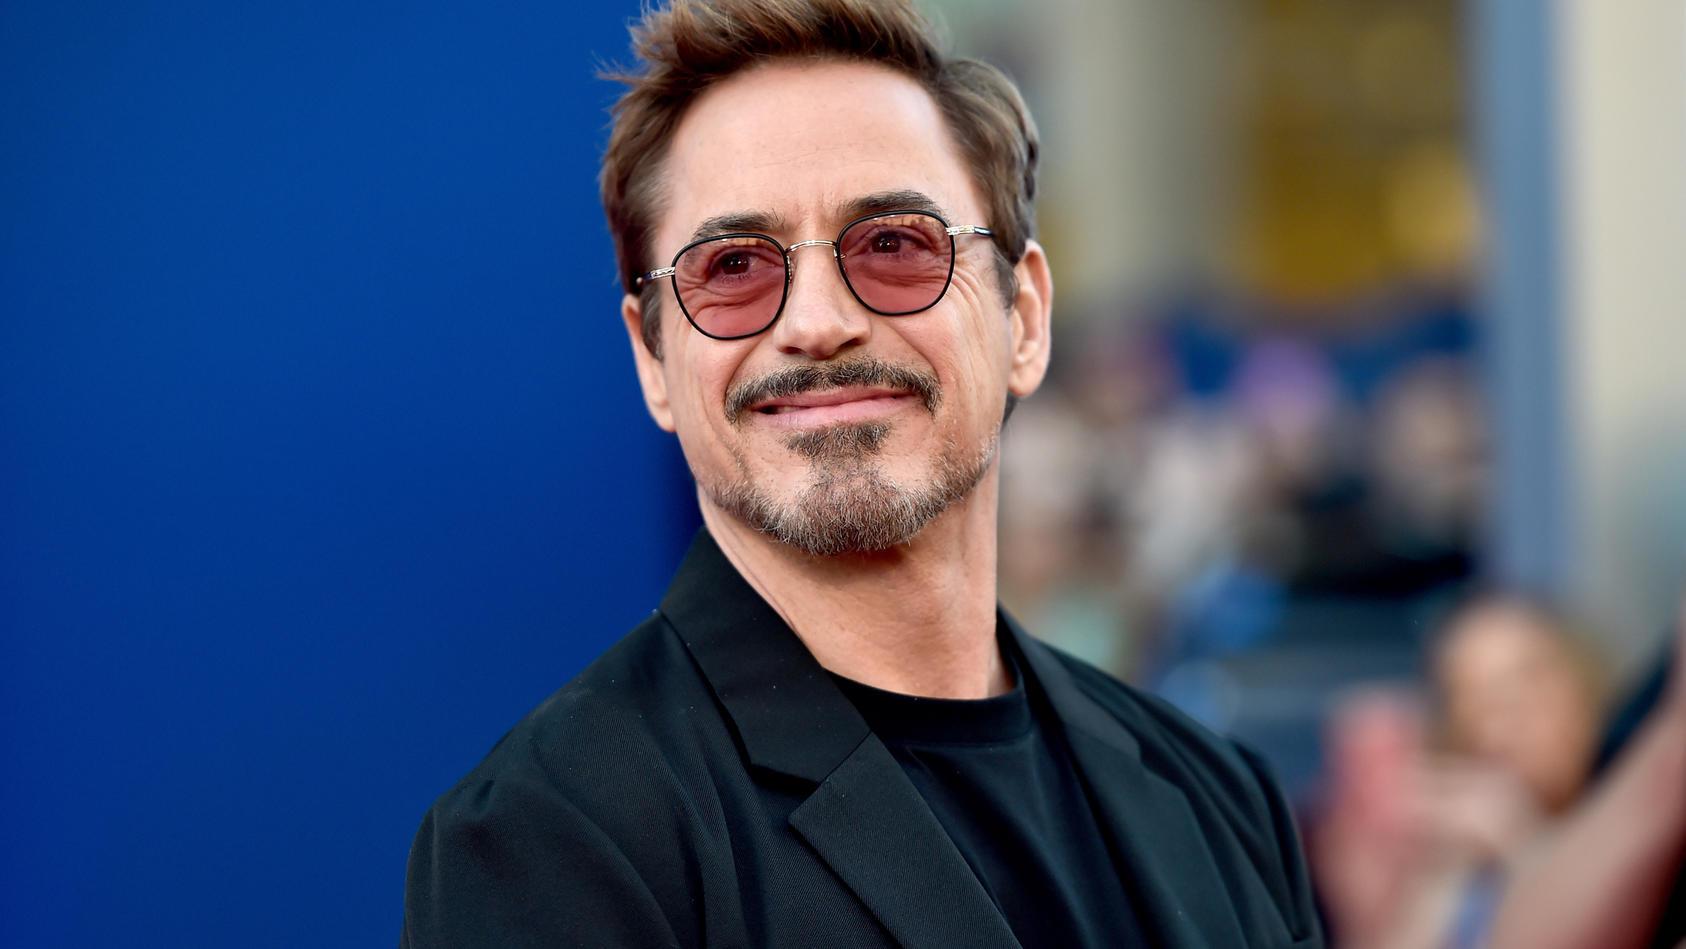 Bei Robert Downey Jr. hört die Kasse gerade nicht mehr auf zu klingeln